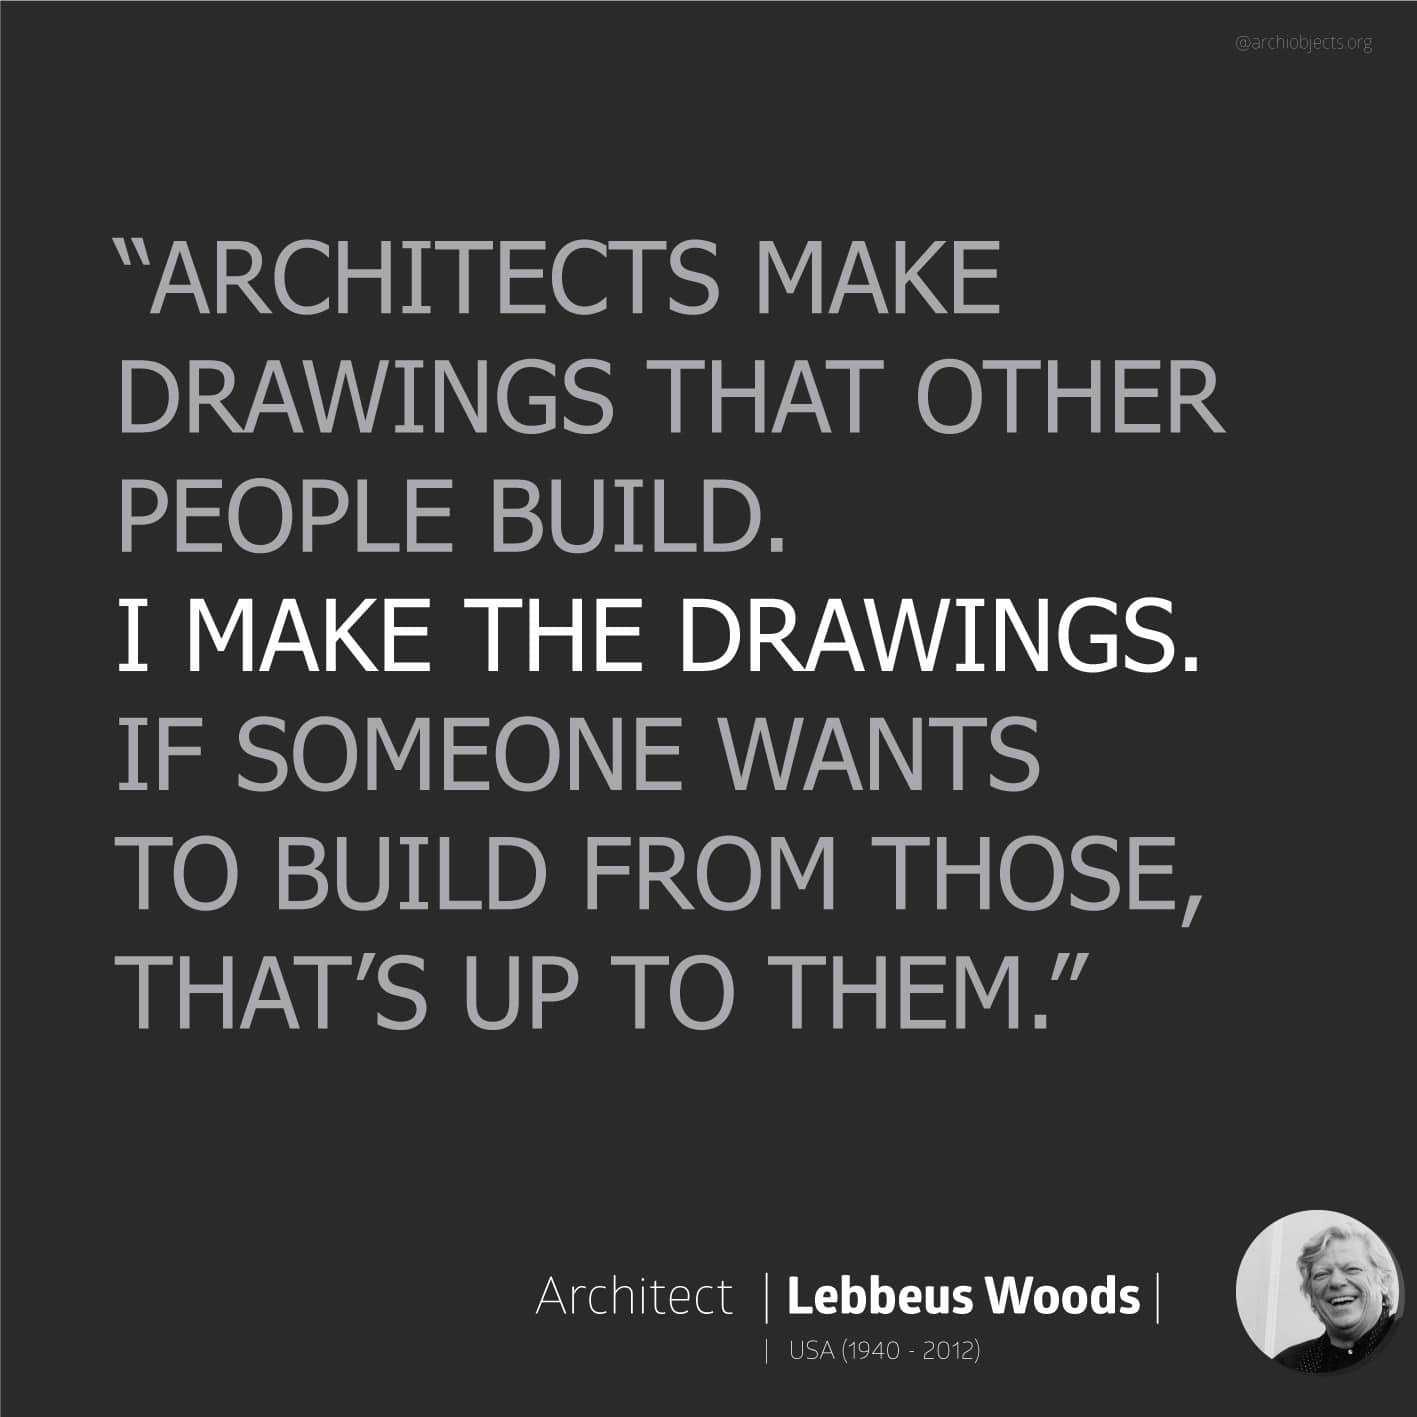 lebbeus woods quote